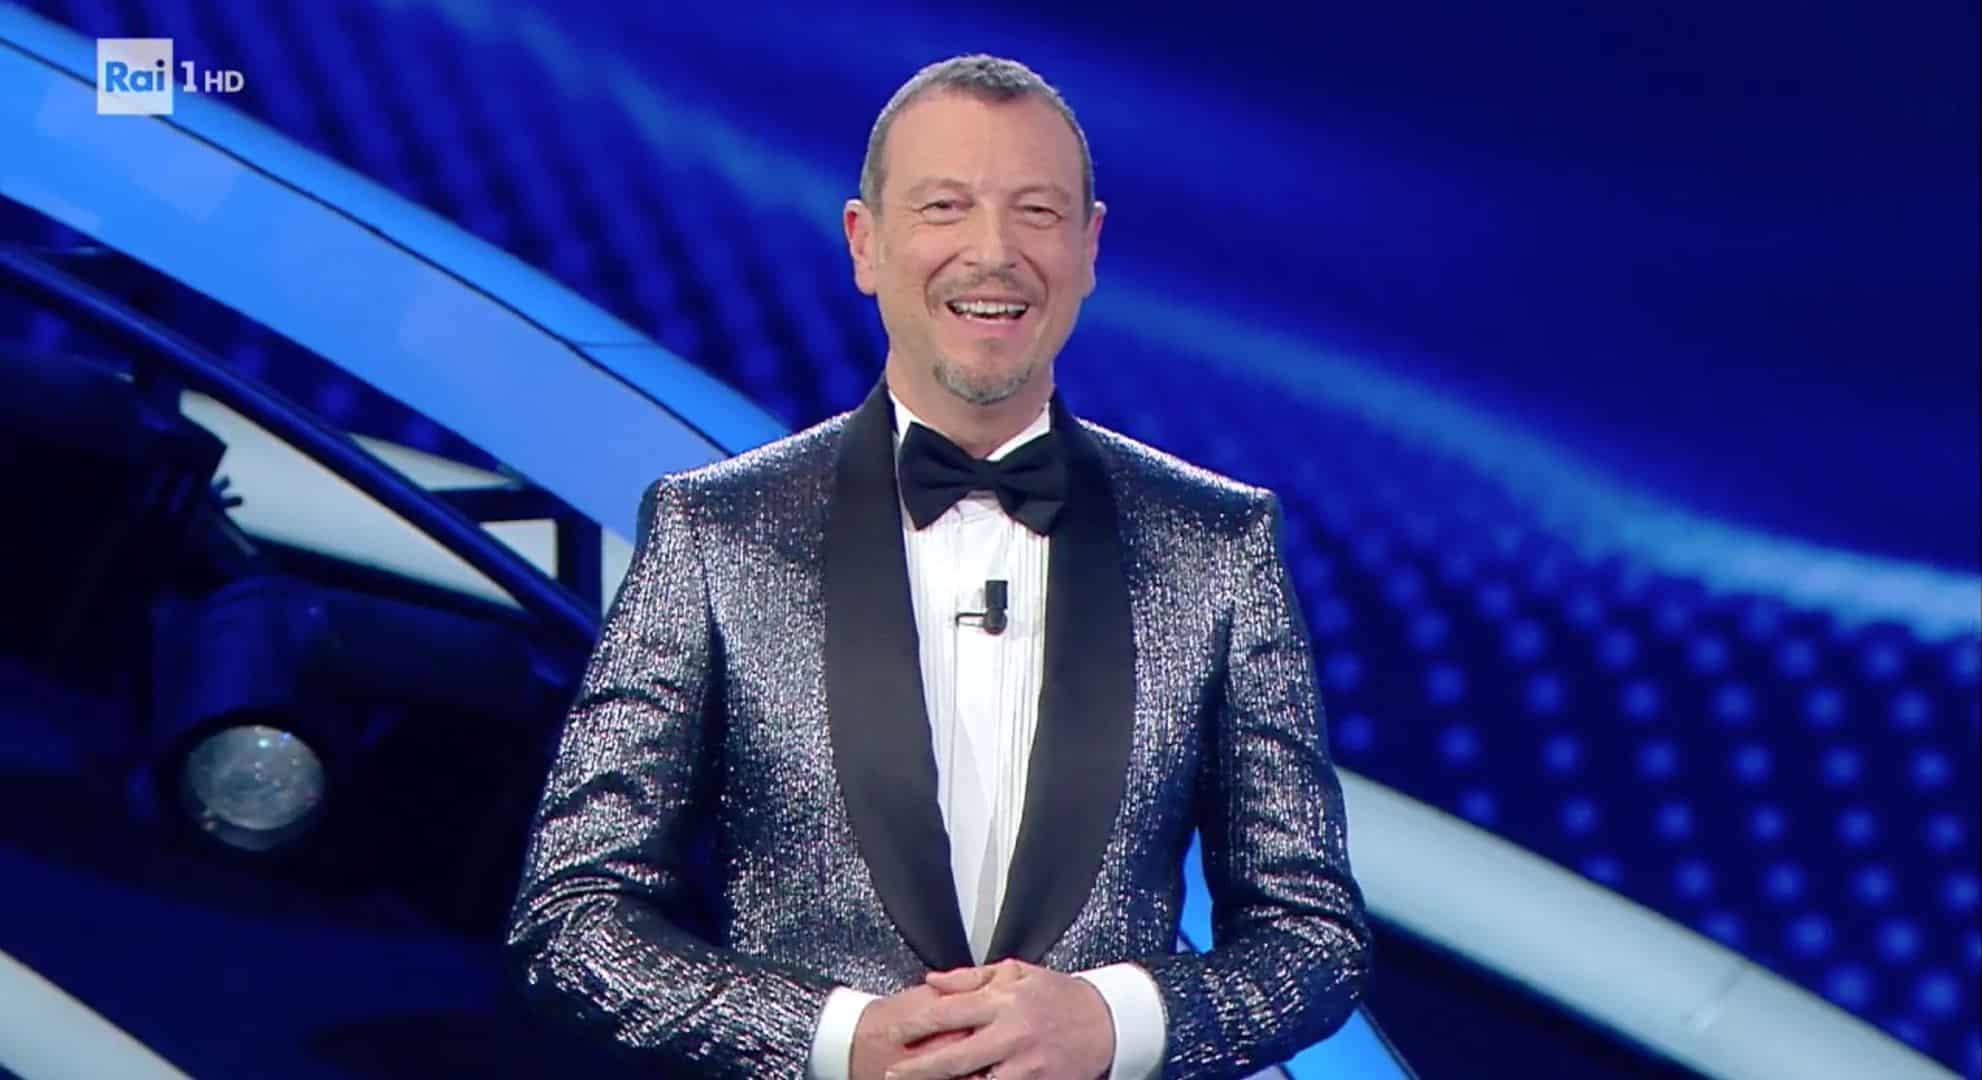 Sanremo 2021 anticipazioni: cosa faranno gli ospiti sul palco e chi ci sarà